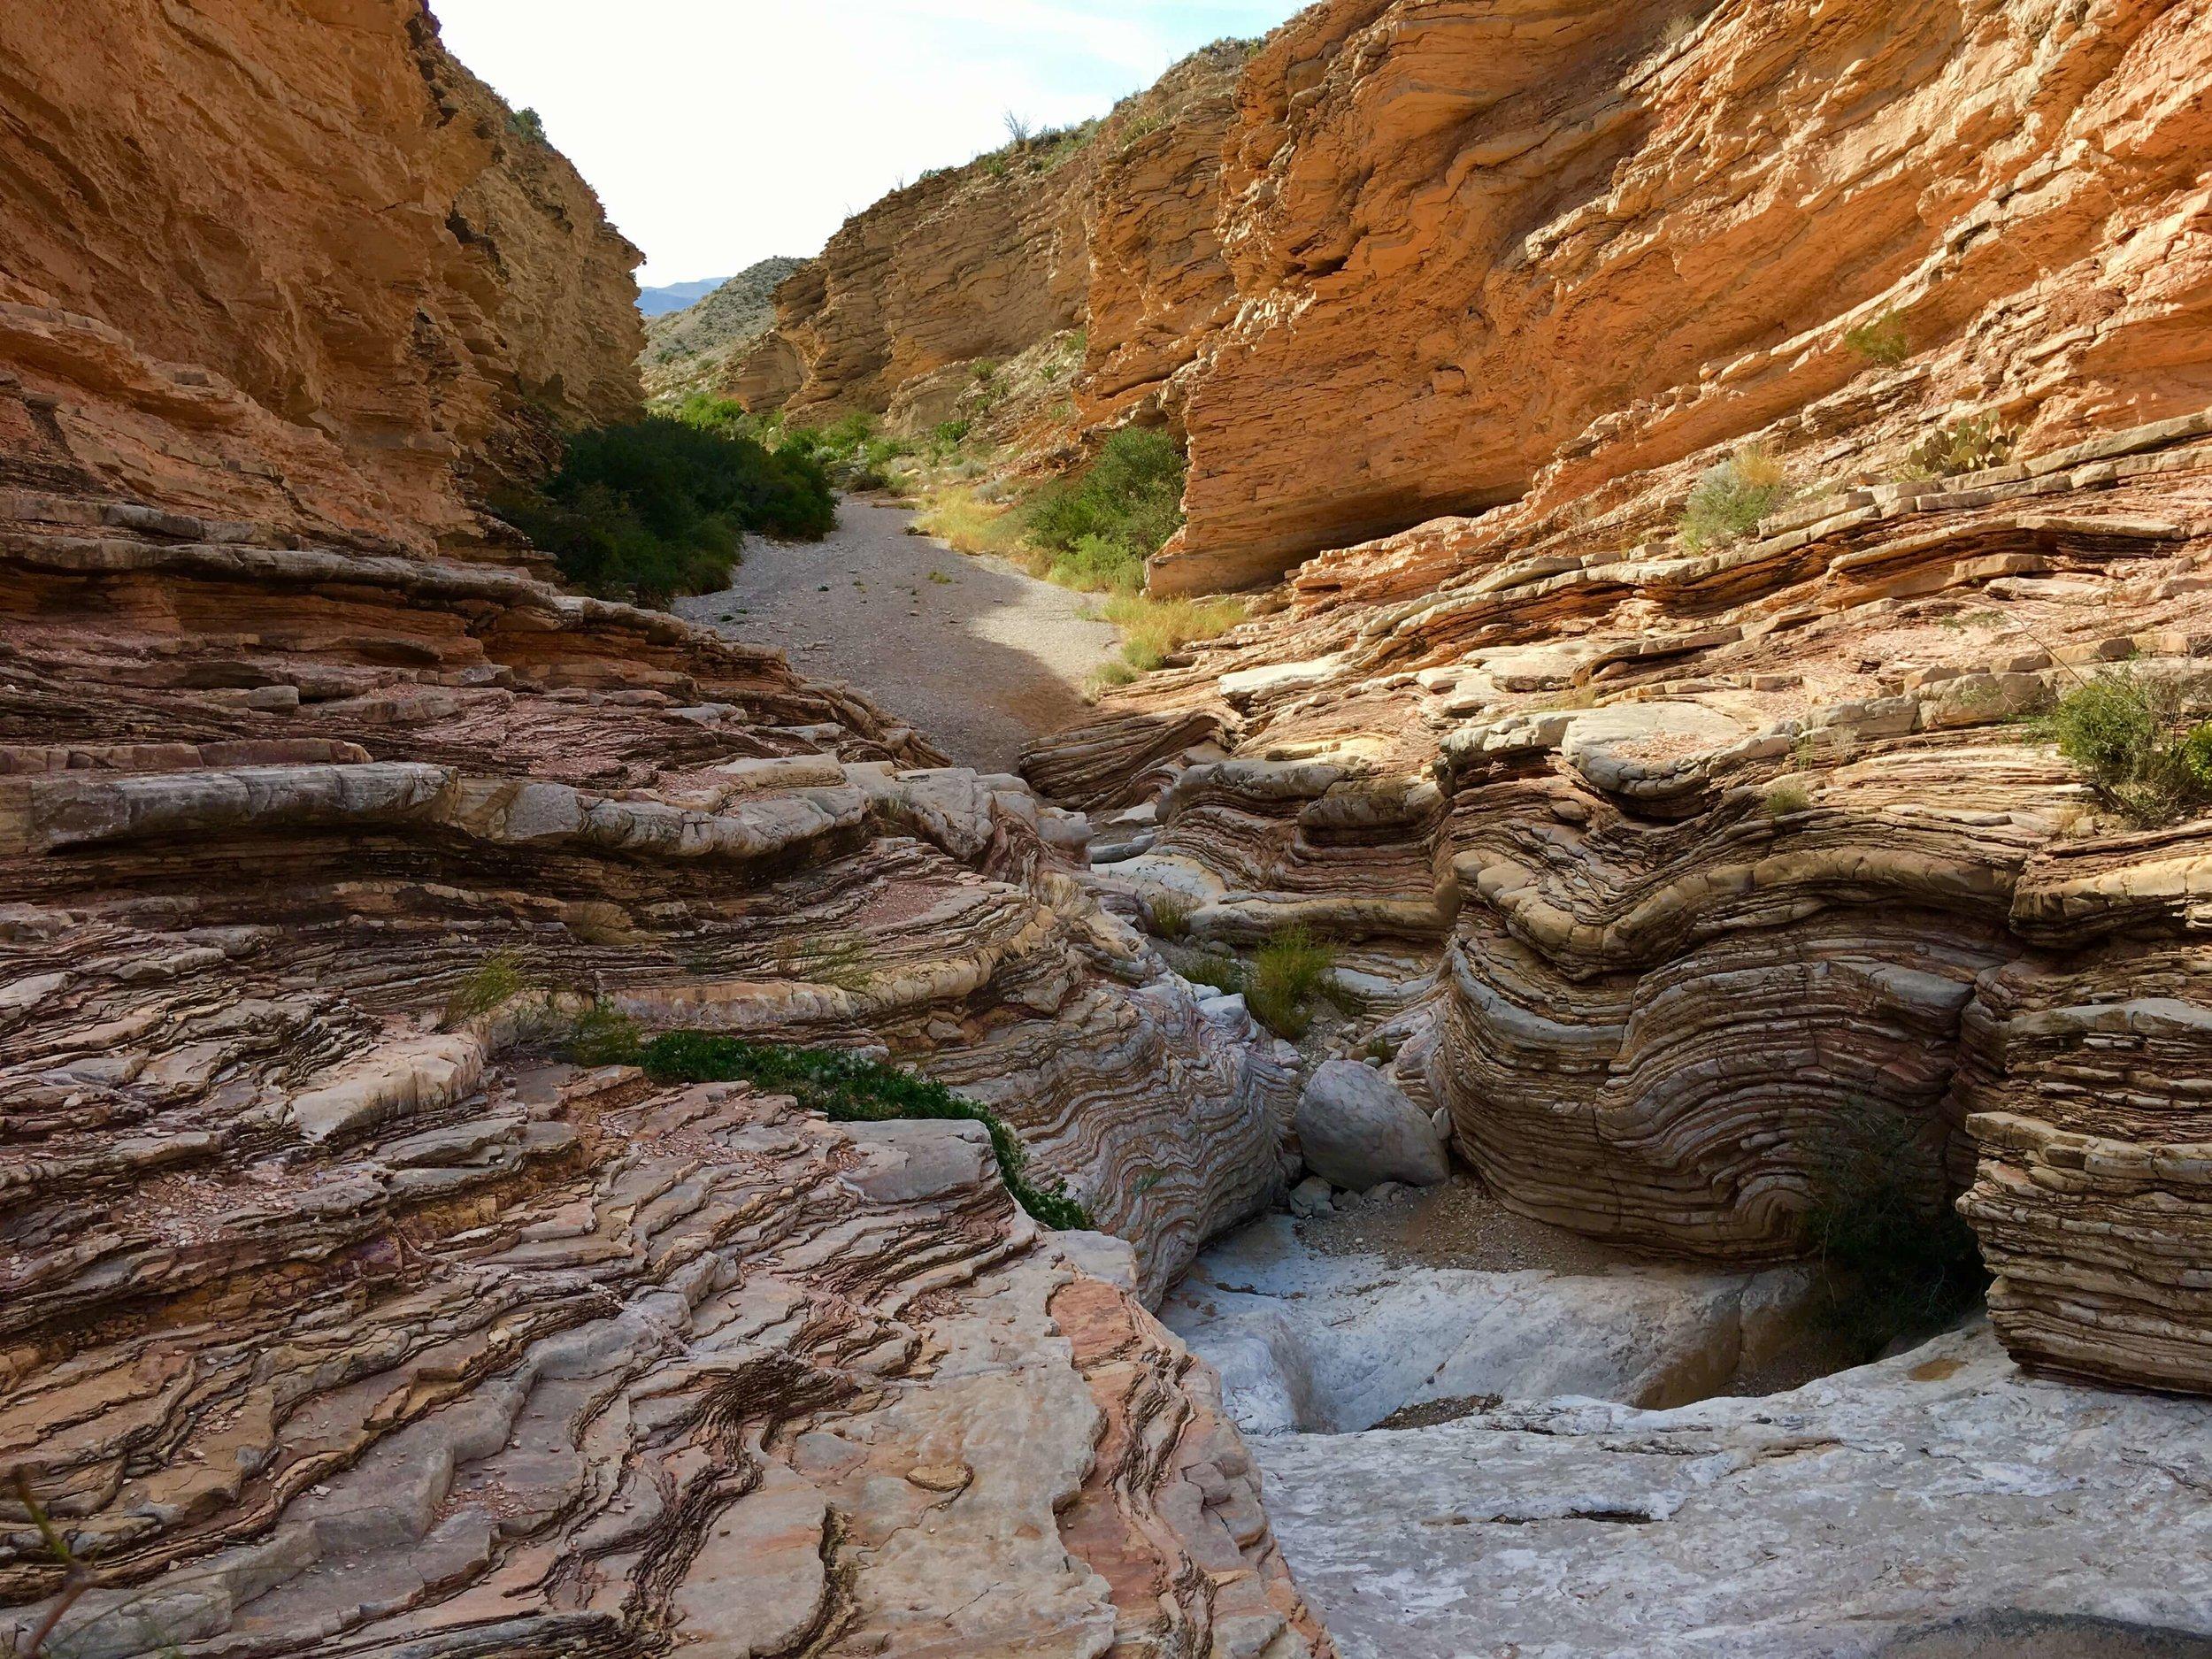 Ernst Tinaja Canyon with a real life tinajaj!